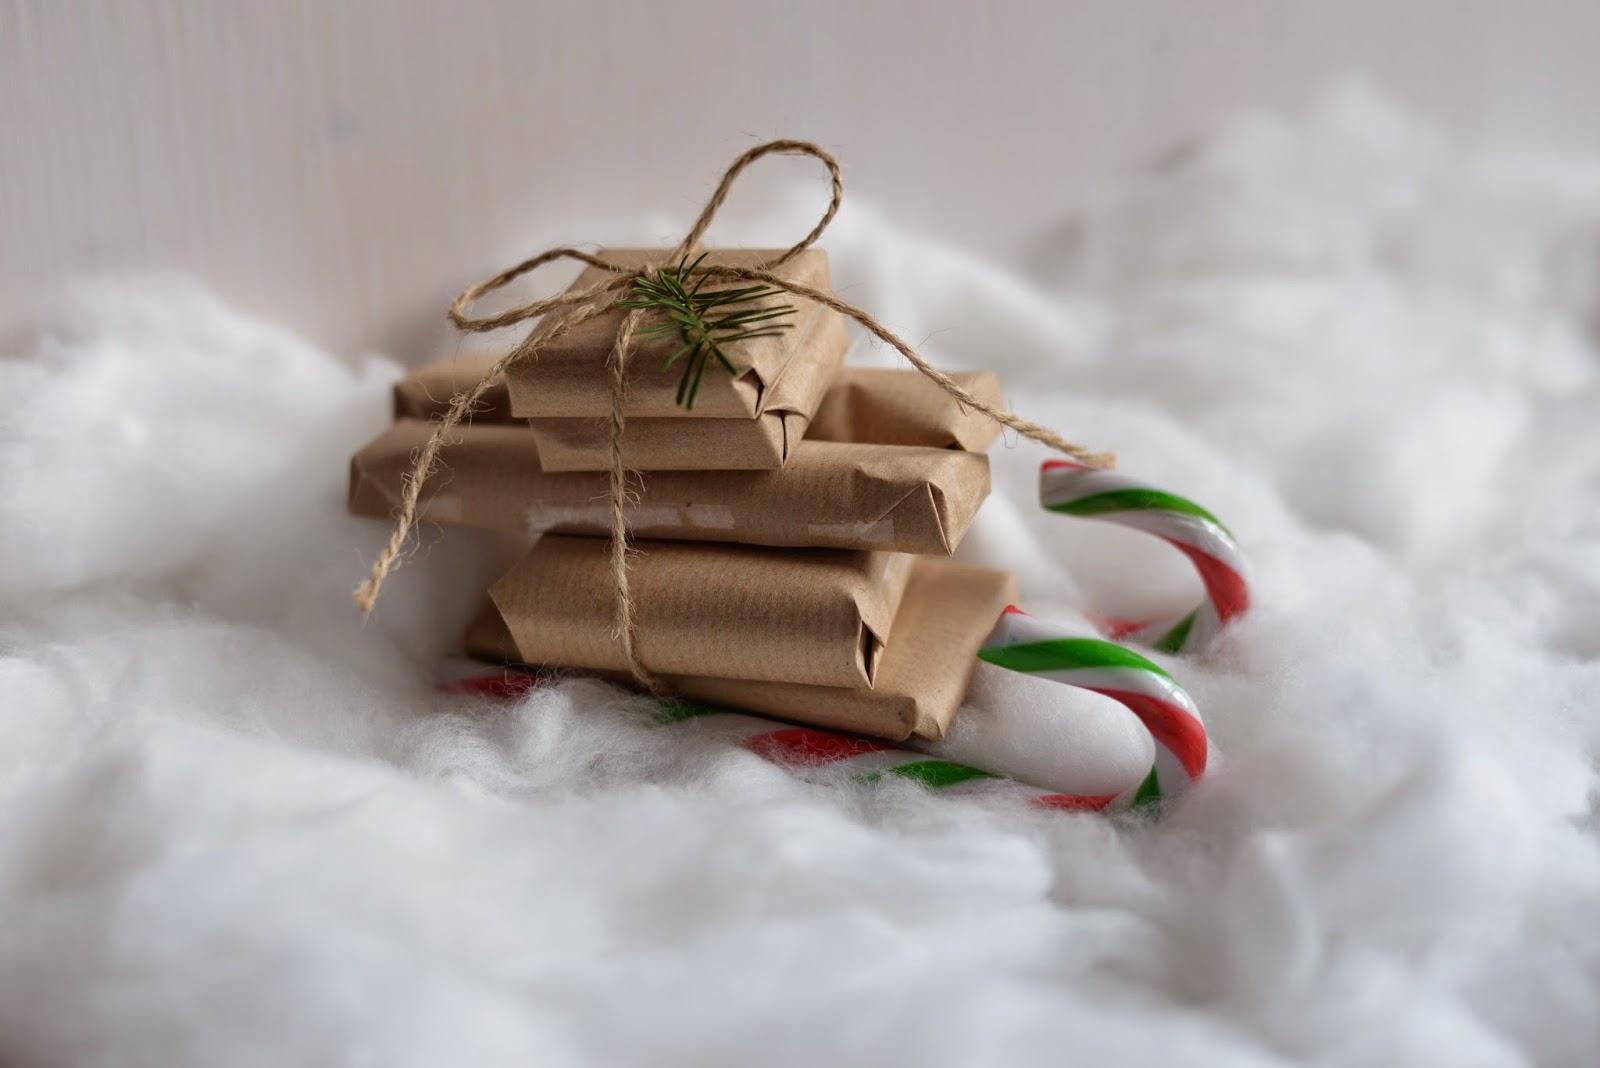 Candycane, Zuckerstange, Schlitten, geschenkidee, weihnachtsgeschenk, christmas, weihnachten, sleigh, gift, xenobiophilia